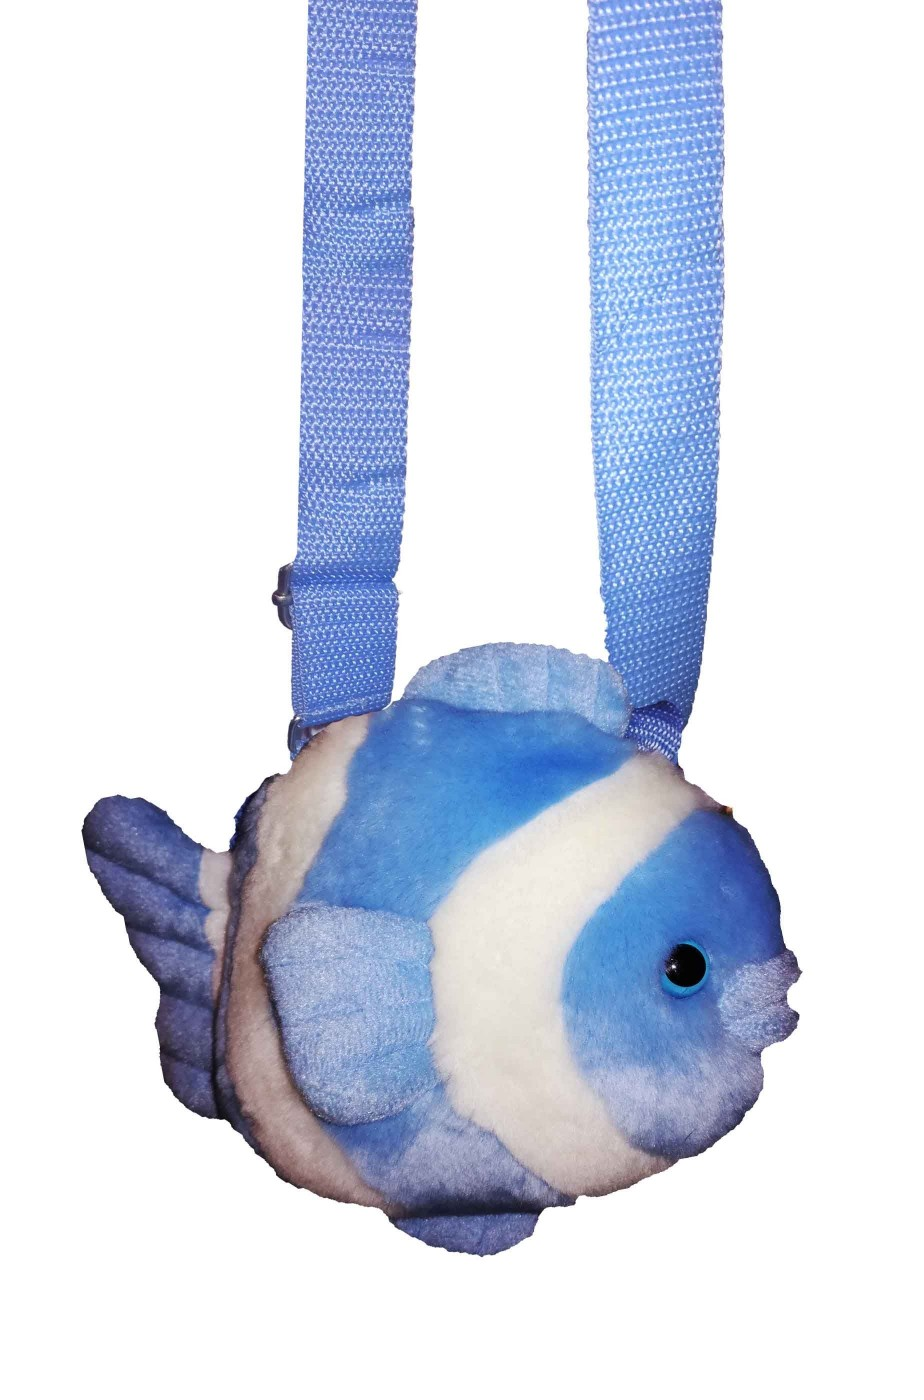 Borsetta a forma di pesce in pelouche azzurra e bianca